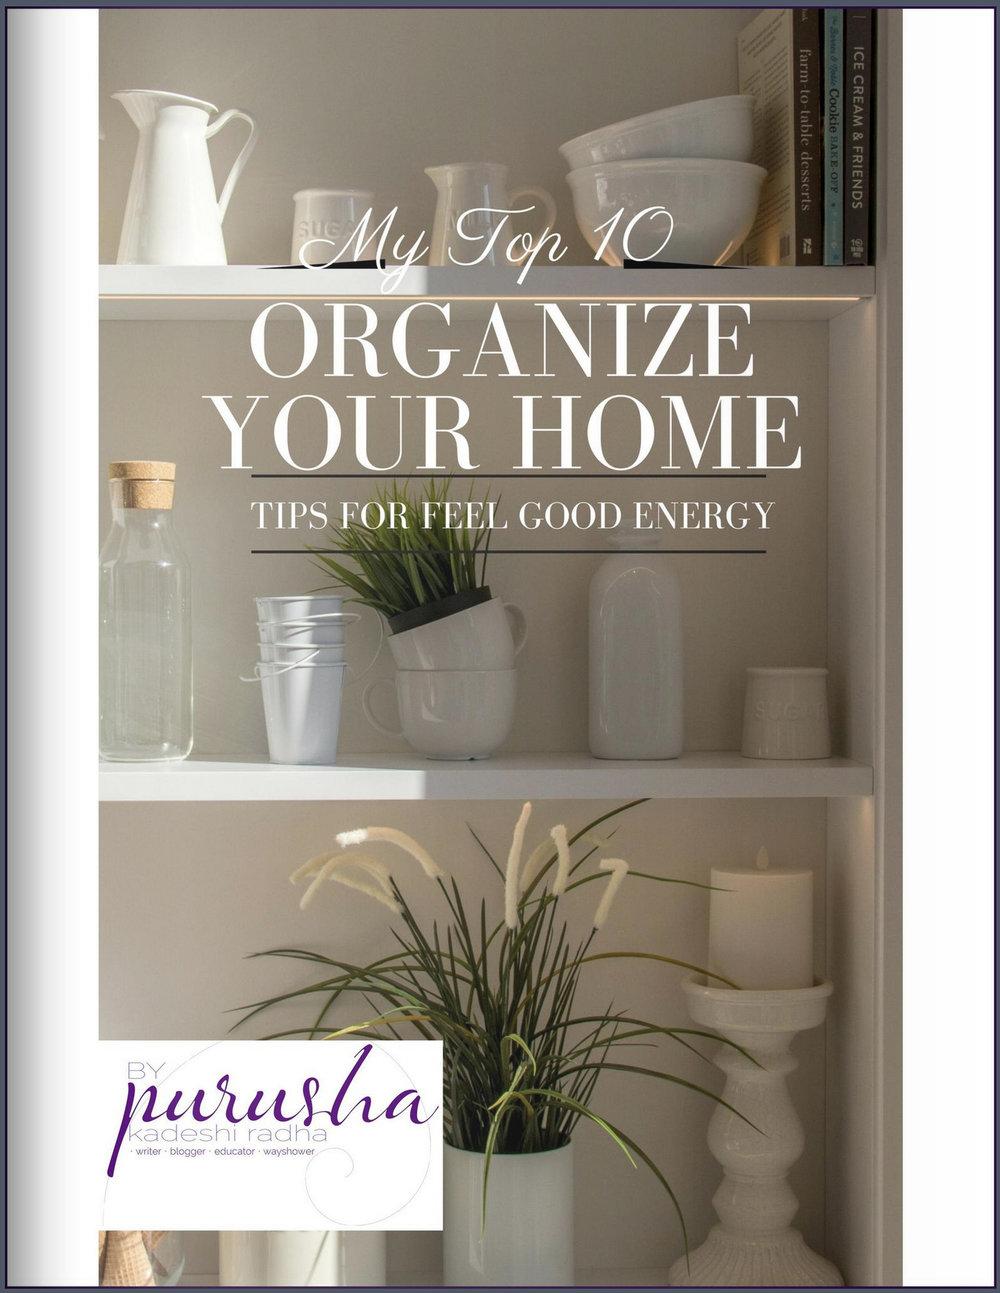 Top 10 Organize Your Home Tips free e-book